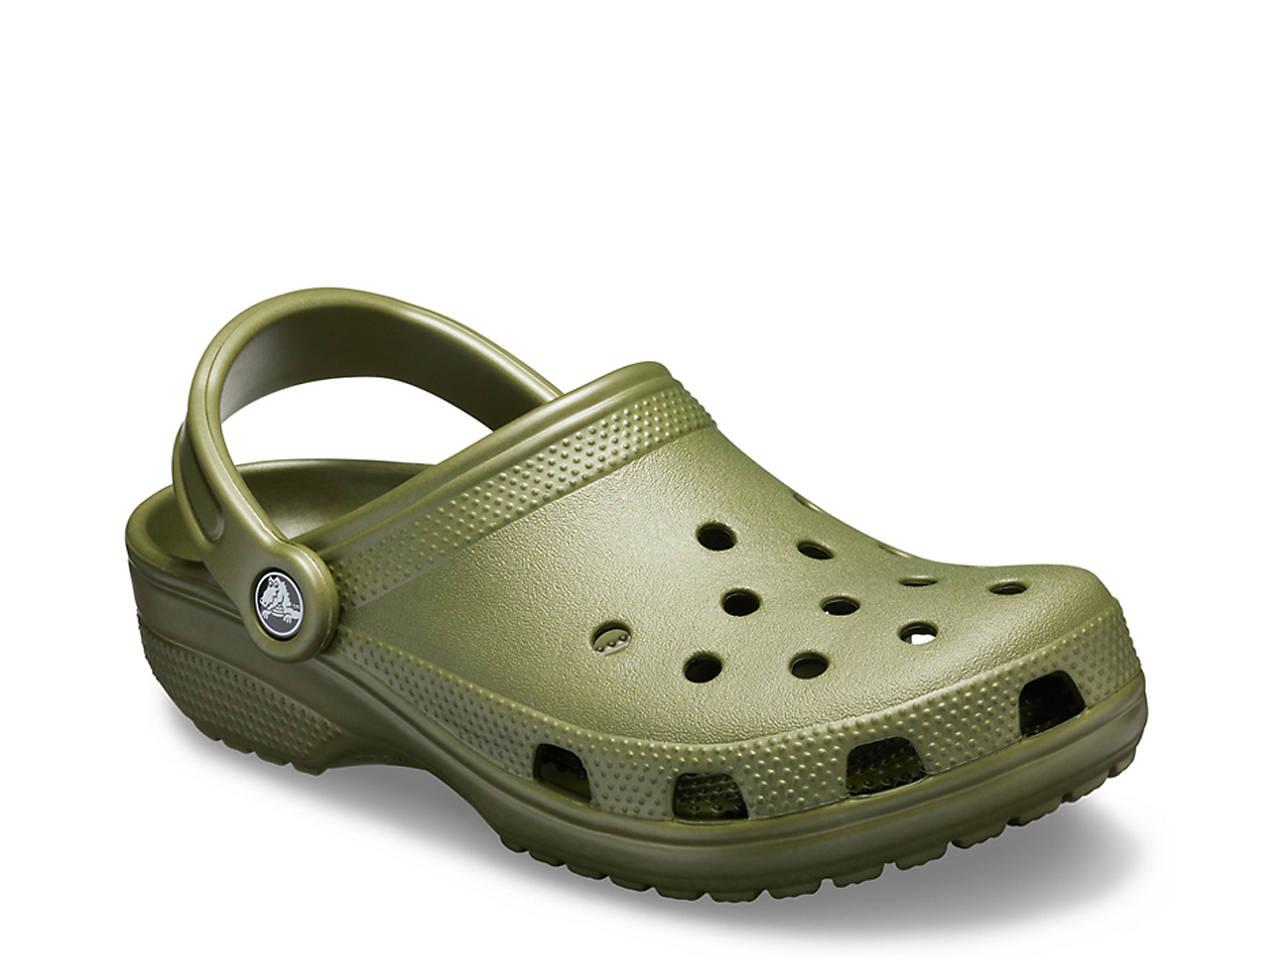 ec8b91adb4cb Crocs Classic Clog Men s Shoes